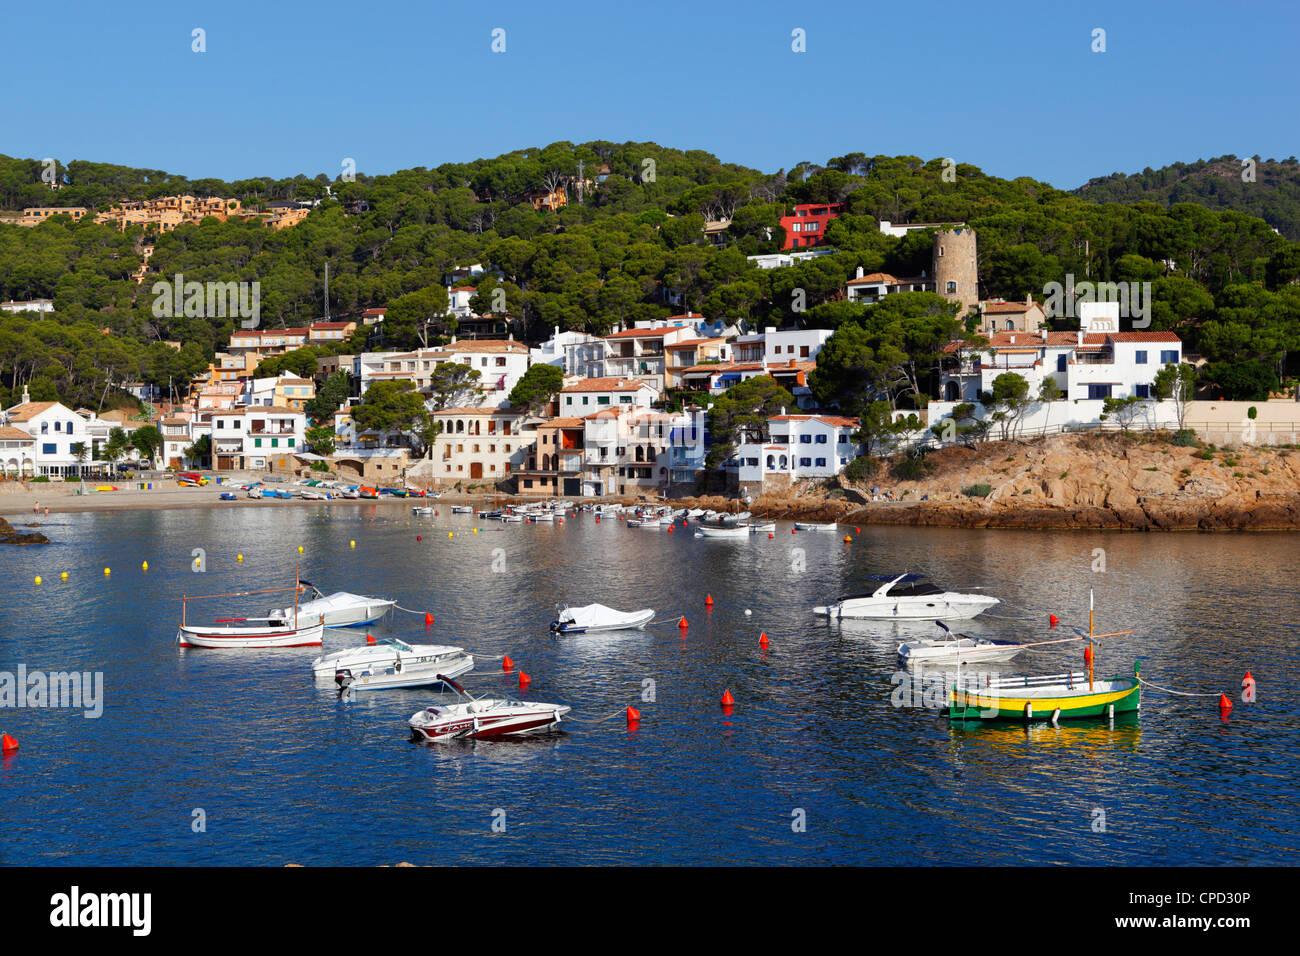 Sa Tuna, in der Nähe von Begur, Costa Brava, Katalonien, Spanien, Mittelmeer, Europa Stockbild